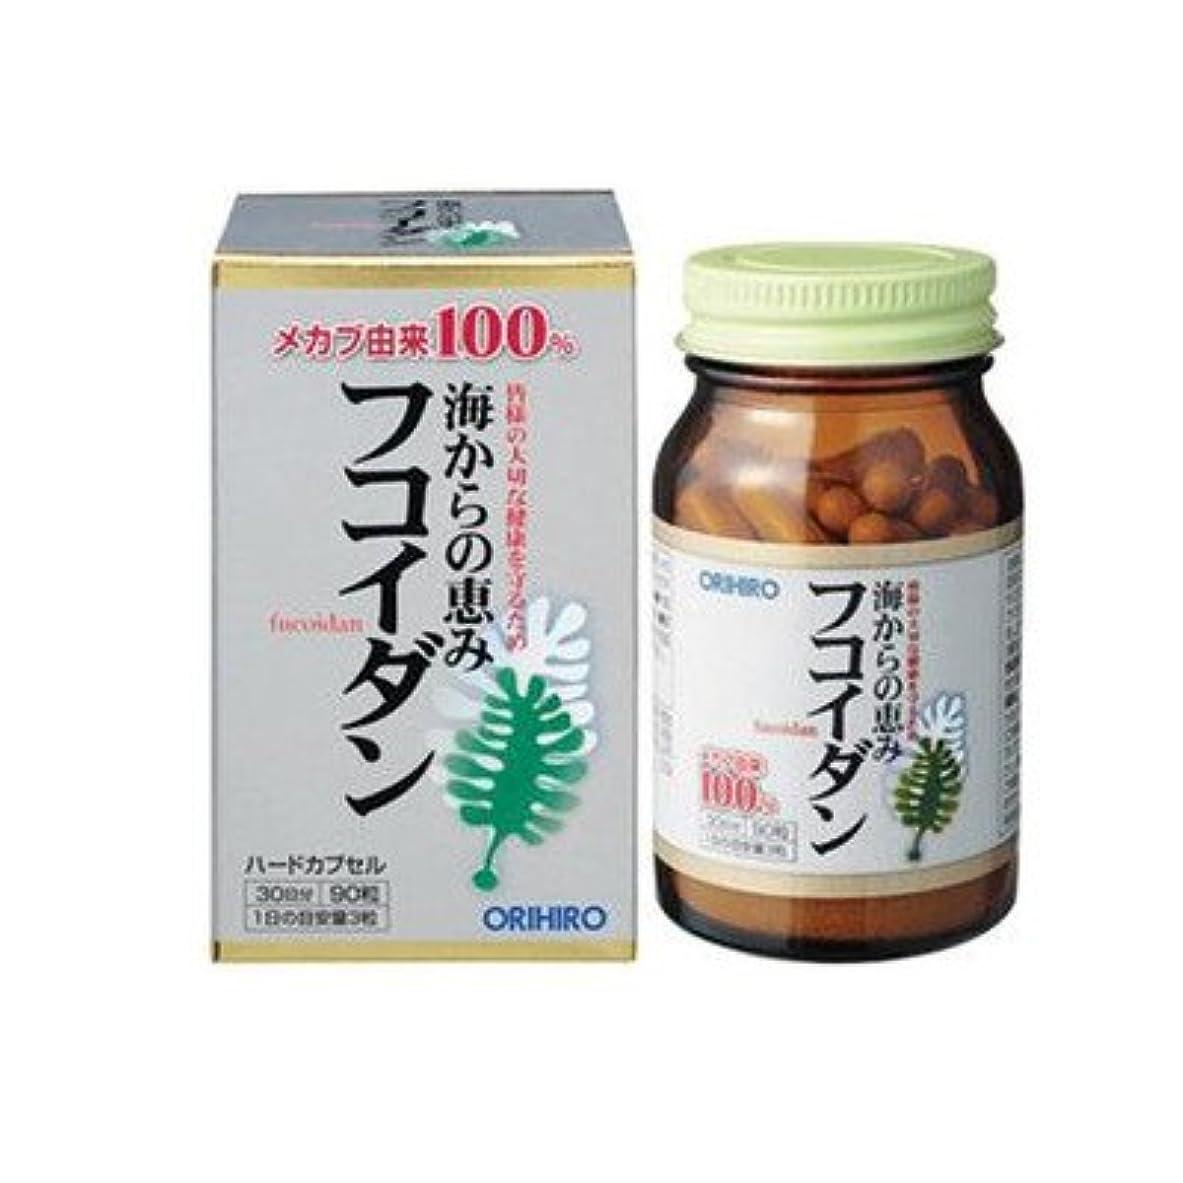 治世コンプリート反対する60209192 オリヒロ フコイダン 90粒 毎日のお食事にプラスして健康生活をサポート